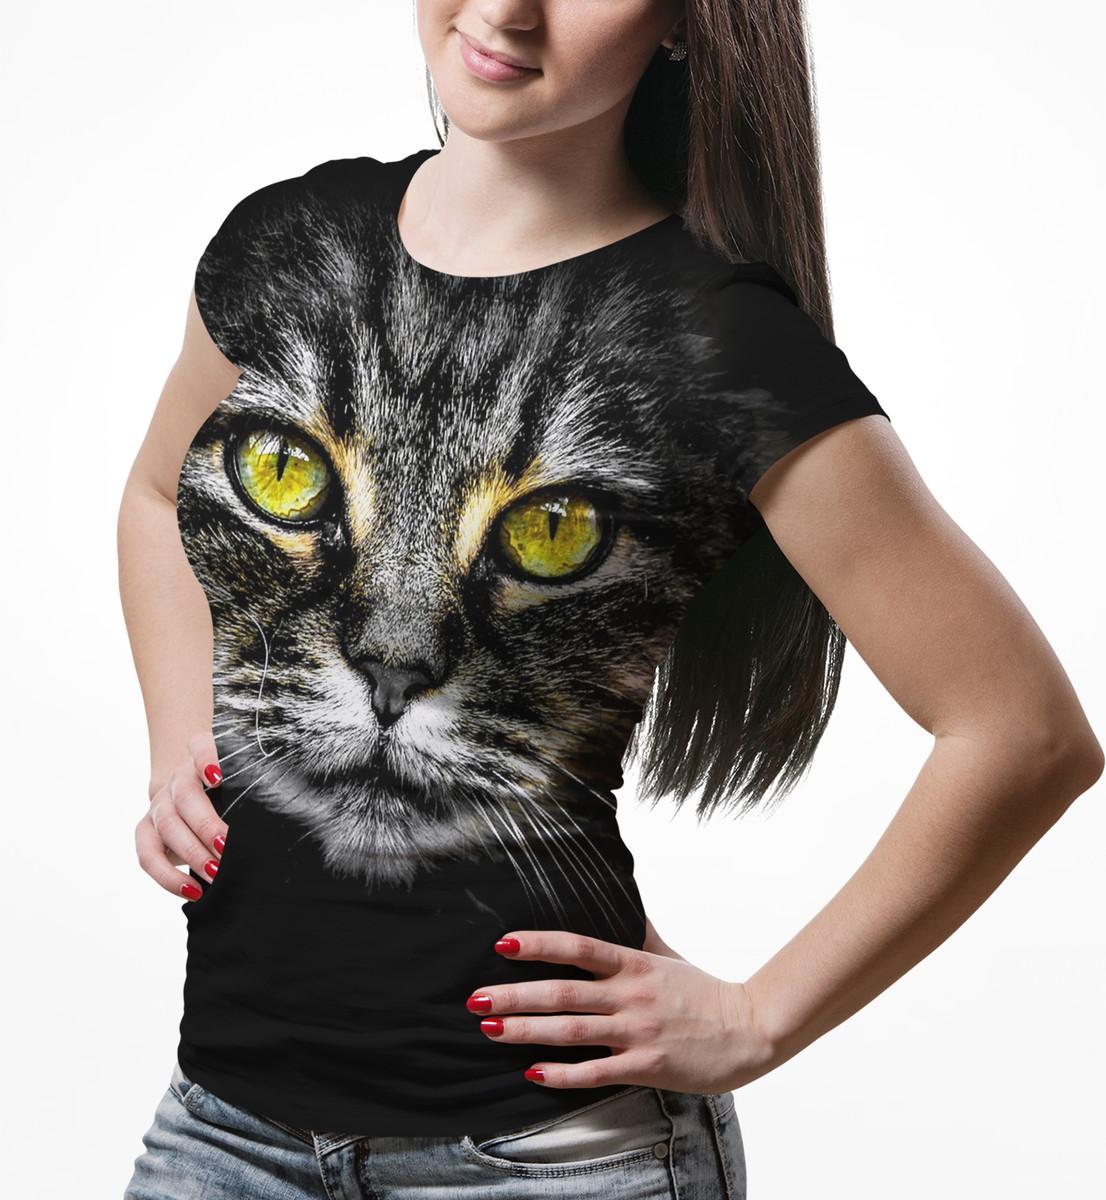 3a932bae1a Camiseta Baby Look Feminina Big Face Gato Cinza Total Print no Elo7 ...